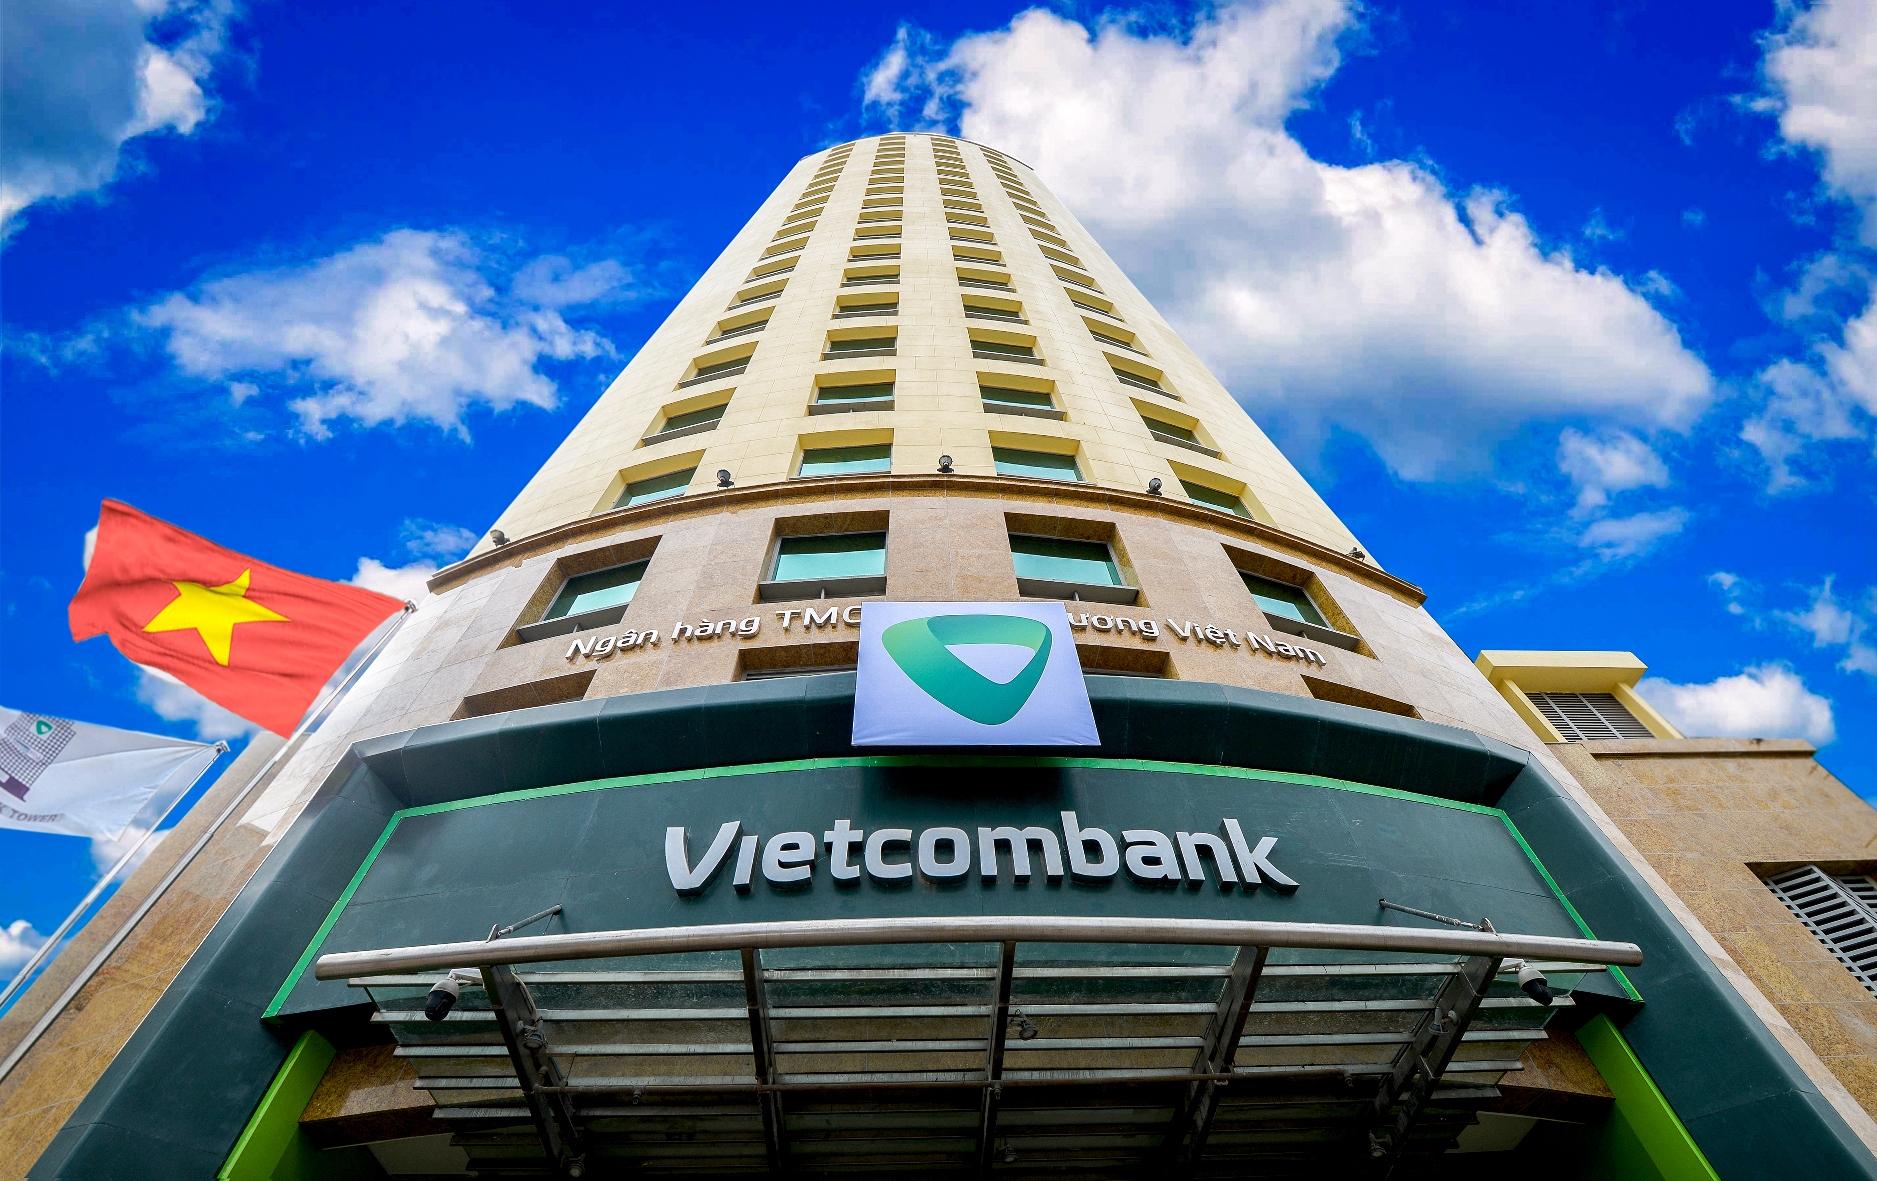 Vietcombank tiếp tục giảm lãi suất tiền vay hỗ trợ khách hàng bị ảnh hưởng bởi đại dịch Covid-19 - Ảnh 3